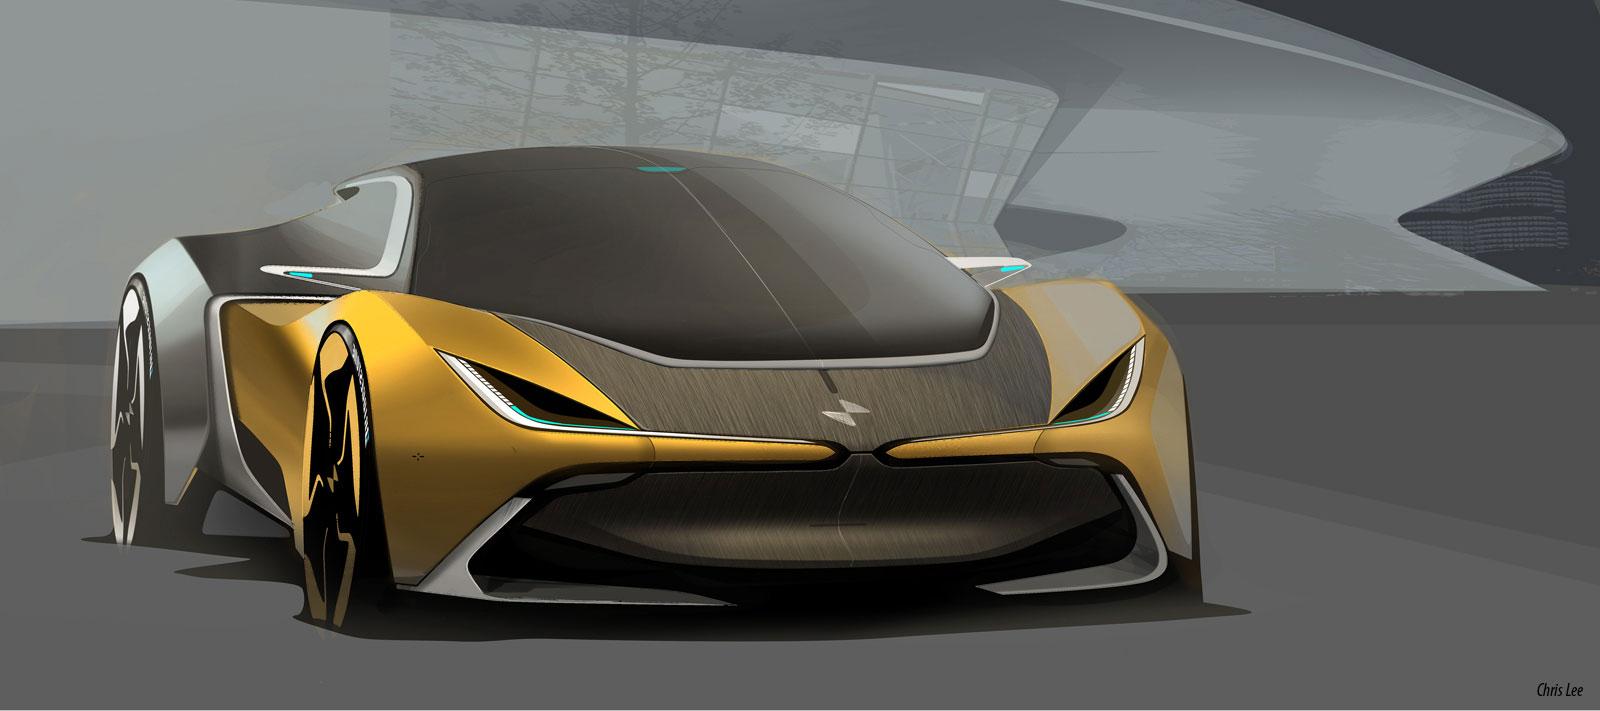 Bmw I2 Concept Design Sketch Car Body Design